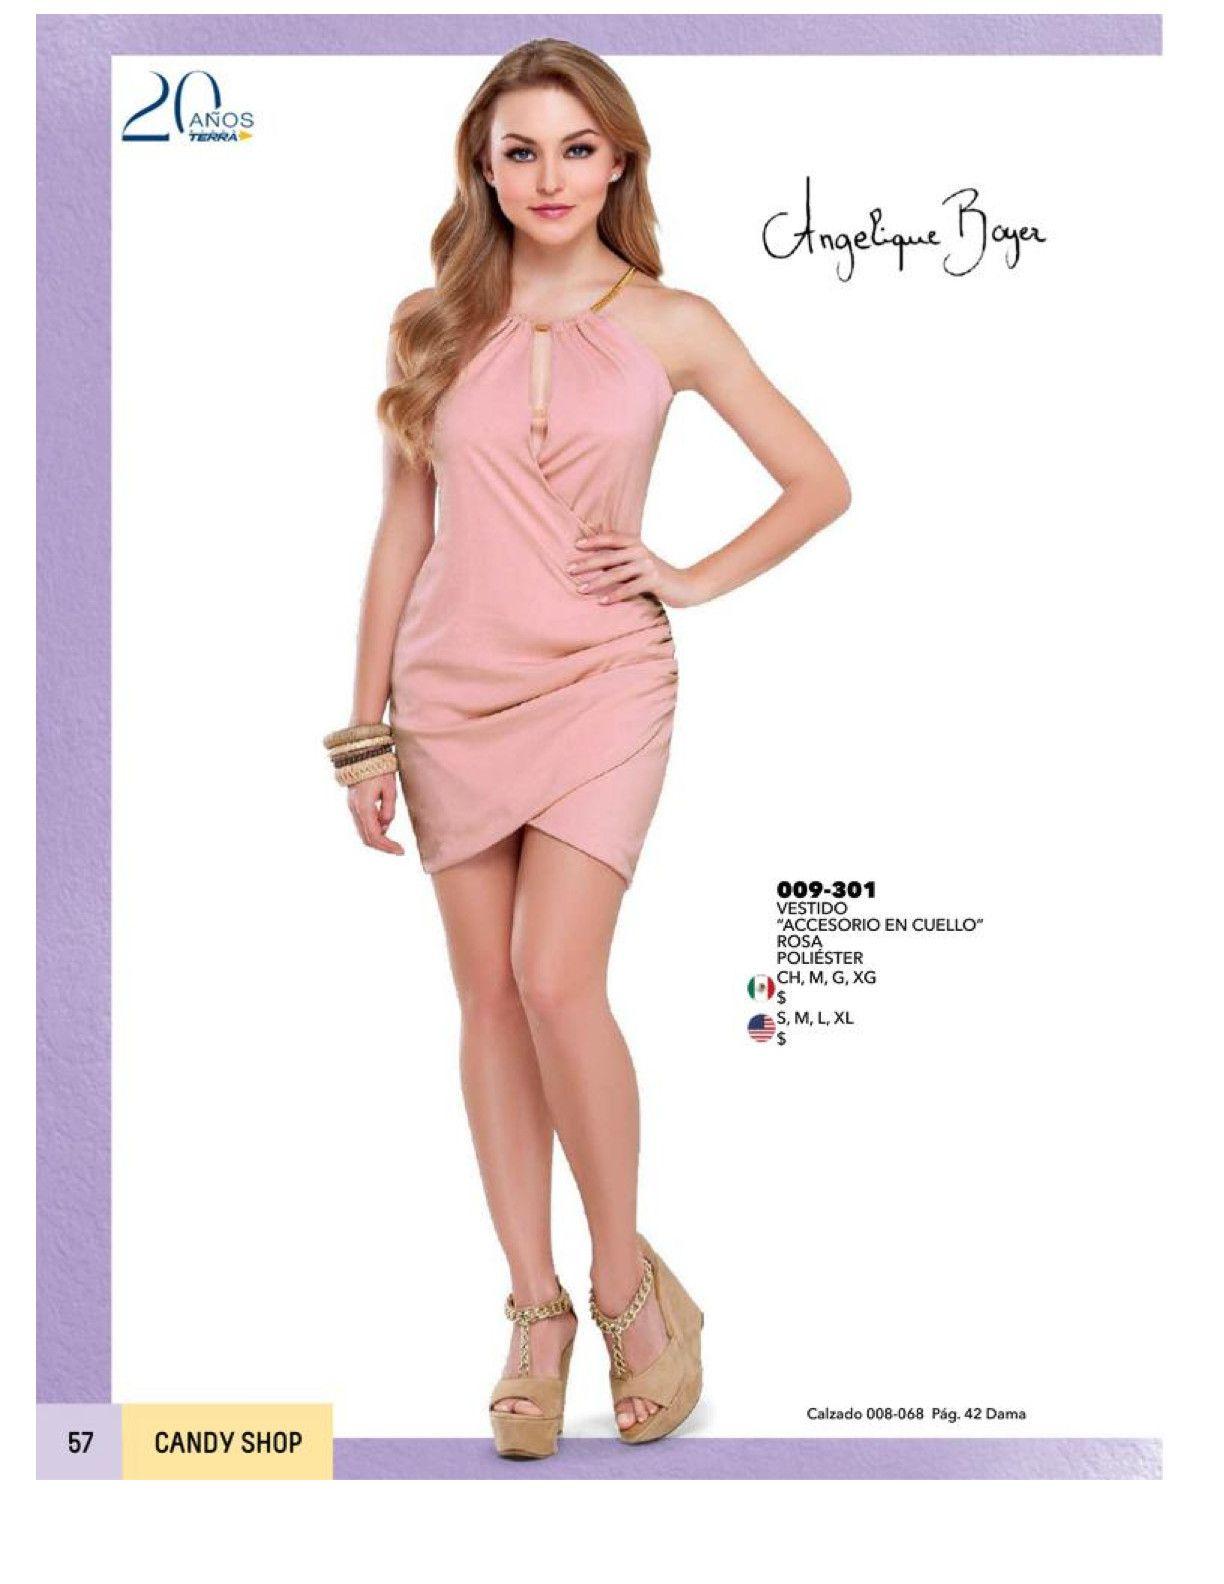 Angelique Boyer   Célébrités - Wedge heels - Chaussures à semelles ...